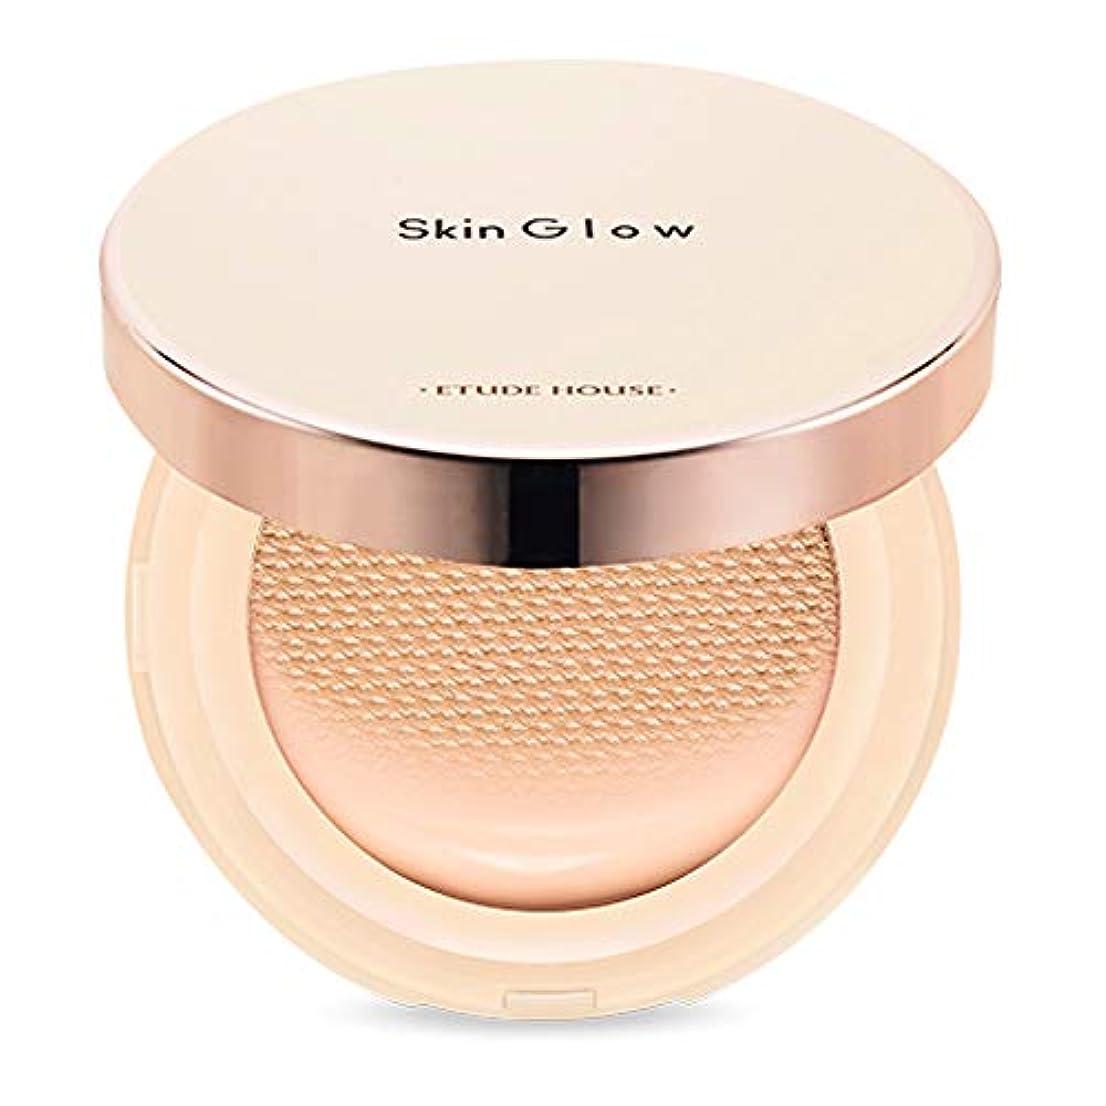 不平を言うスロー花束Etude House Skin Glow Essence Cushion SPF50+/PA++++ エチュードハウス スキン グロー エッセンス クッション (# N04 Neutral Beige) [並行輸入品]